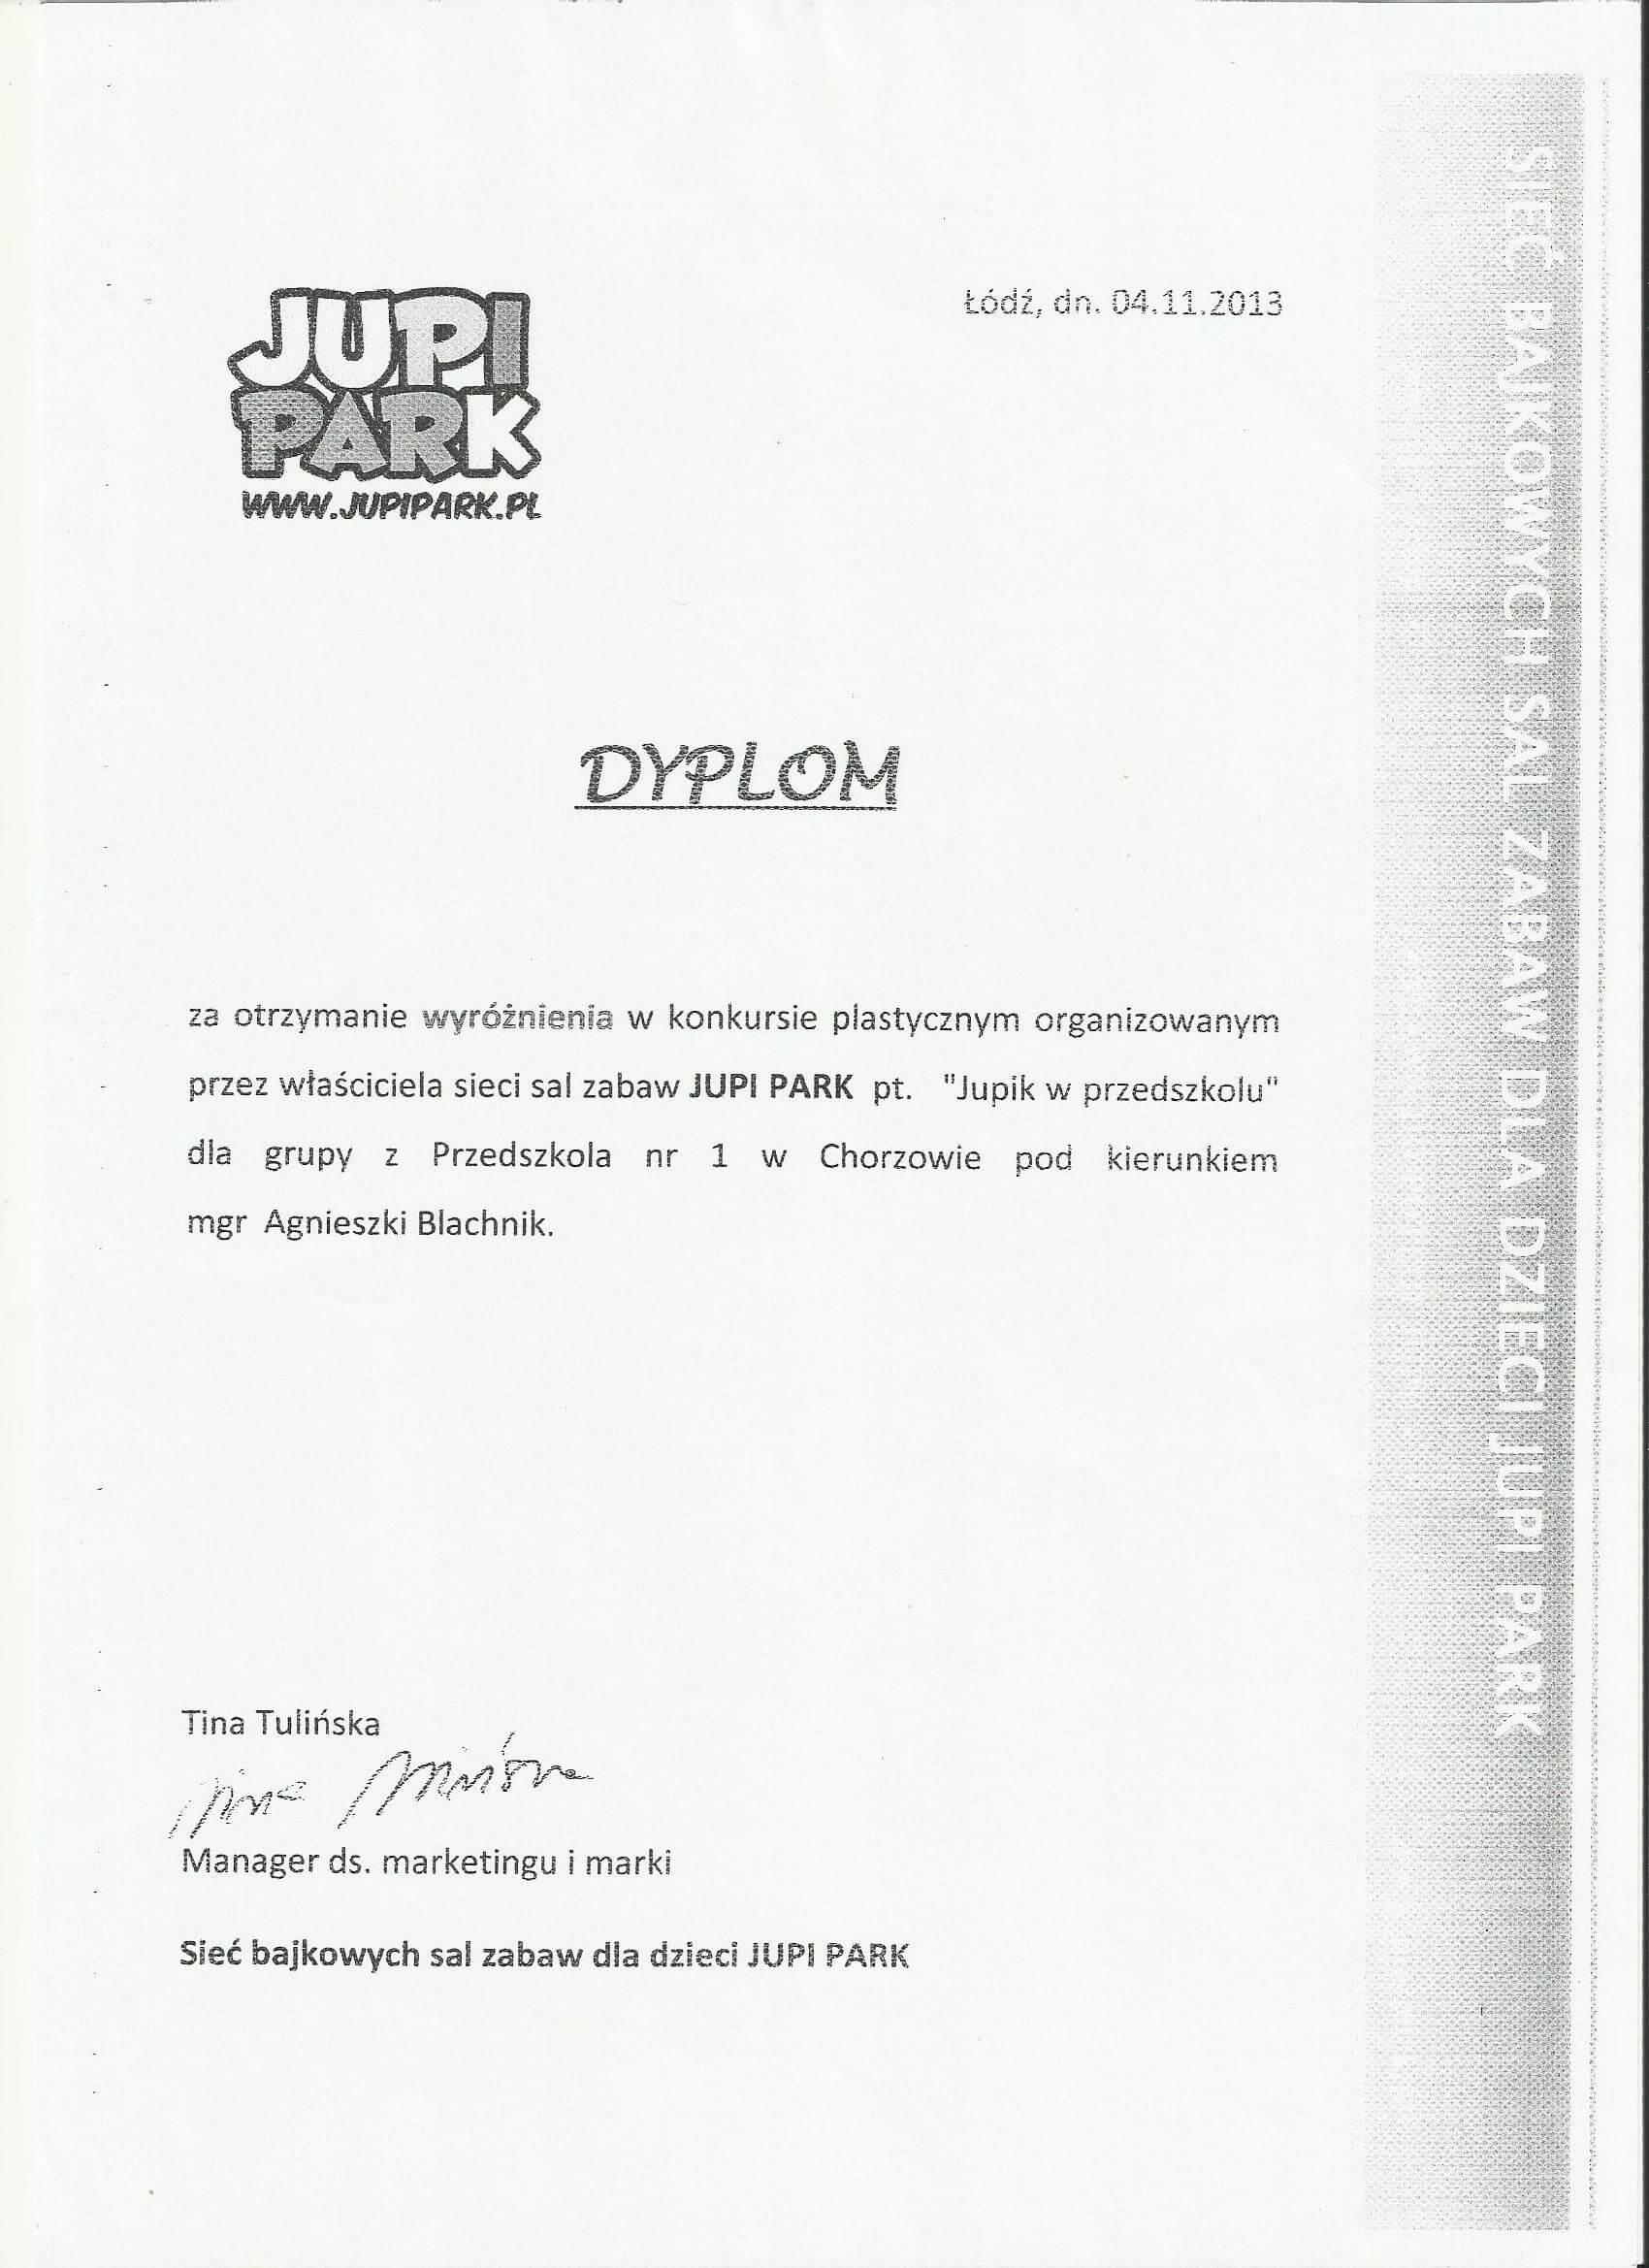 dyplom za udział w konkursie plastycznym